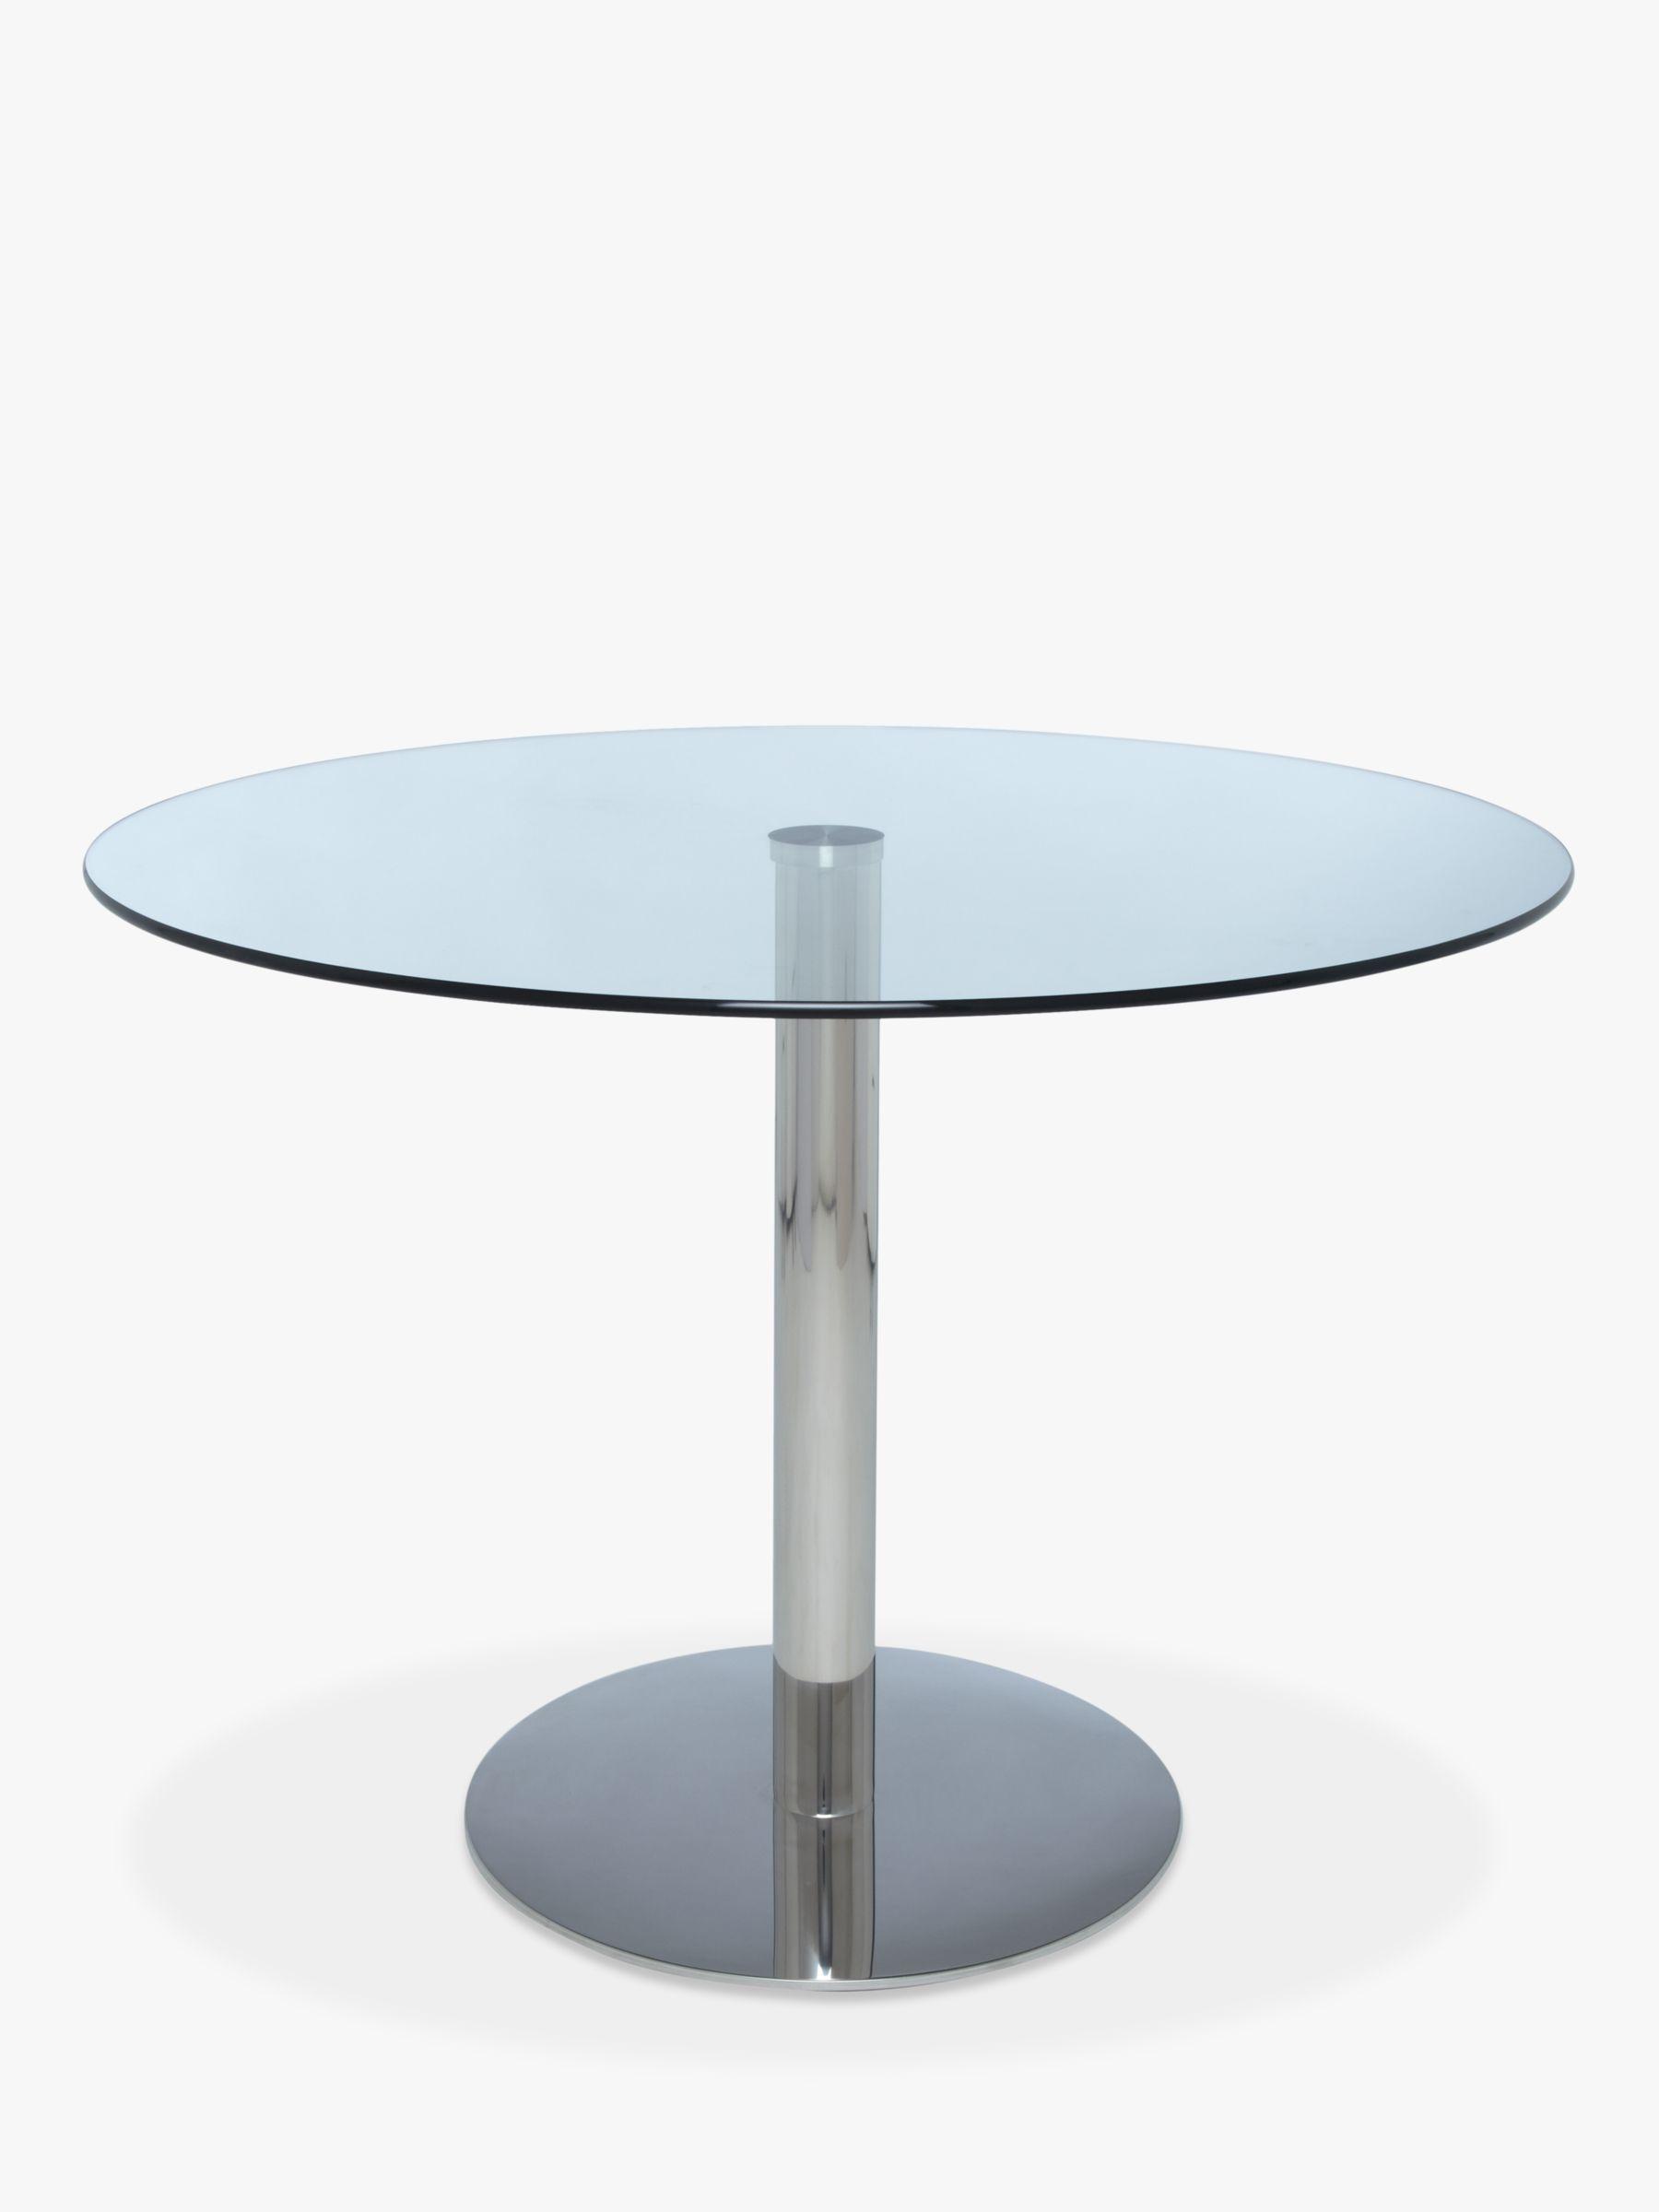 Dining Table 60cm Width 1 2m x 80cm wide solid oak Minsk table